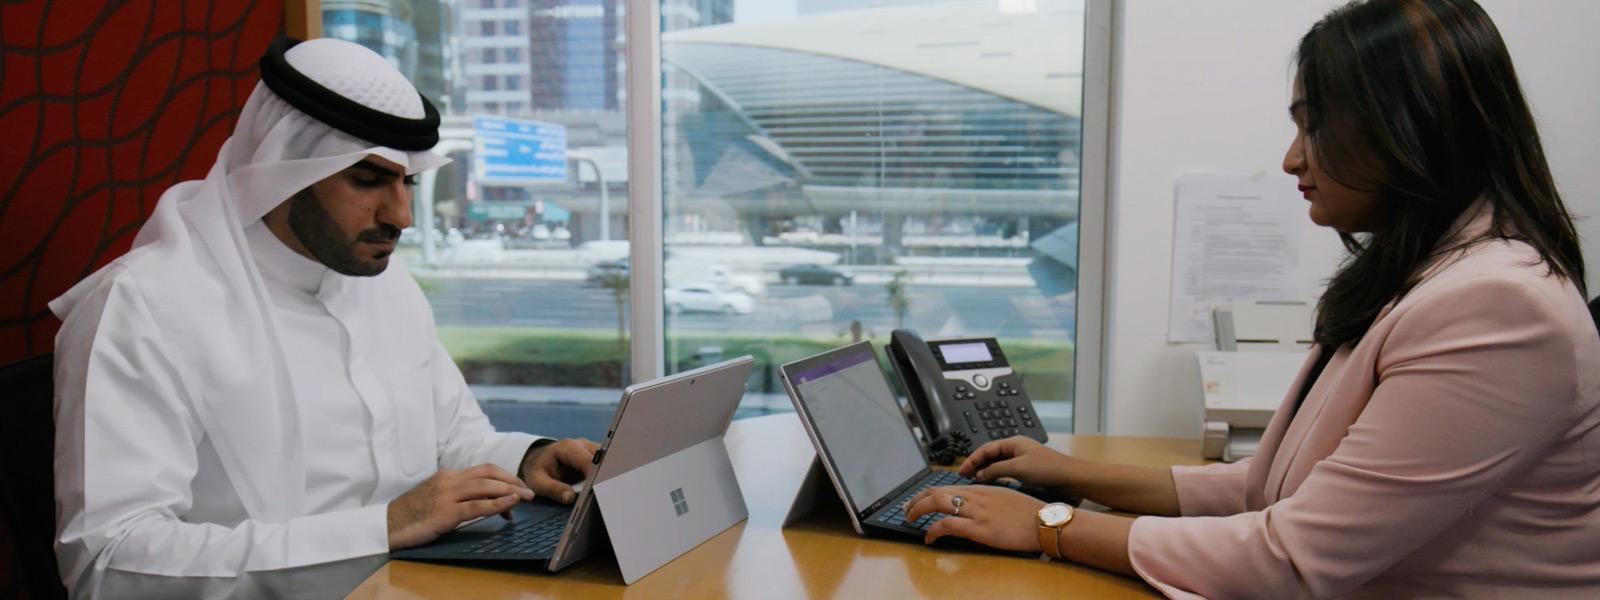 Un employé Mashreq et son client partagent des informations sur une Surface Pro